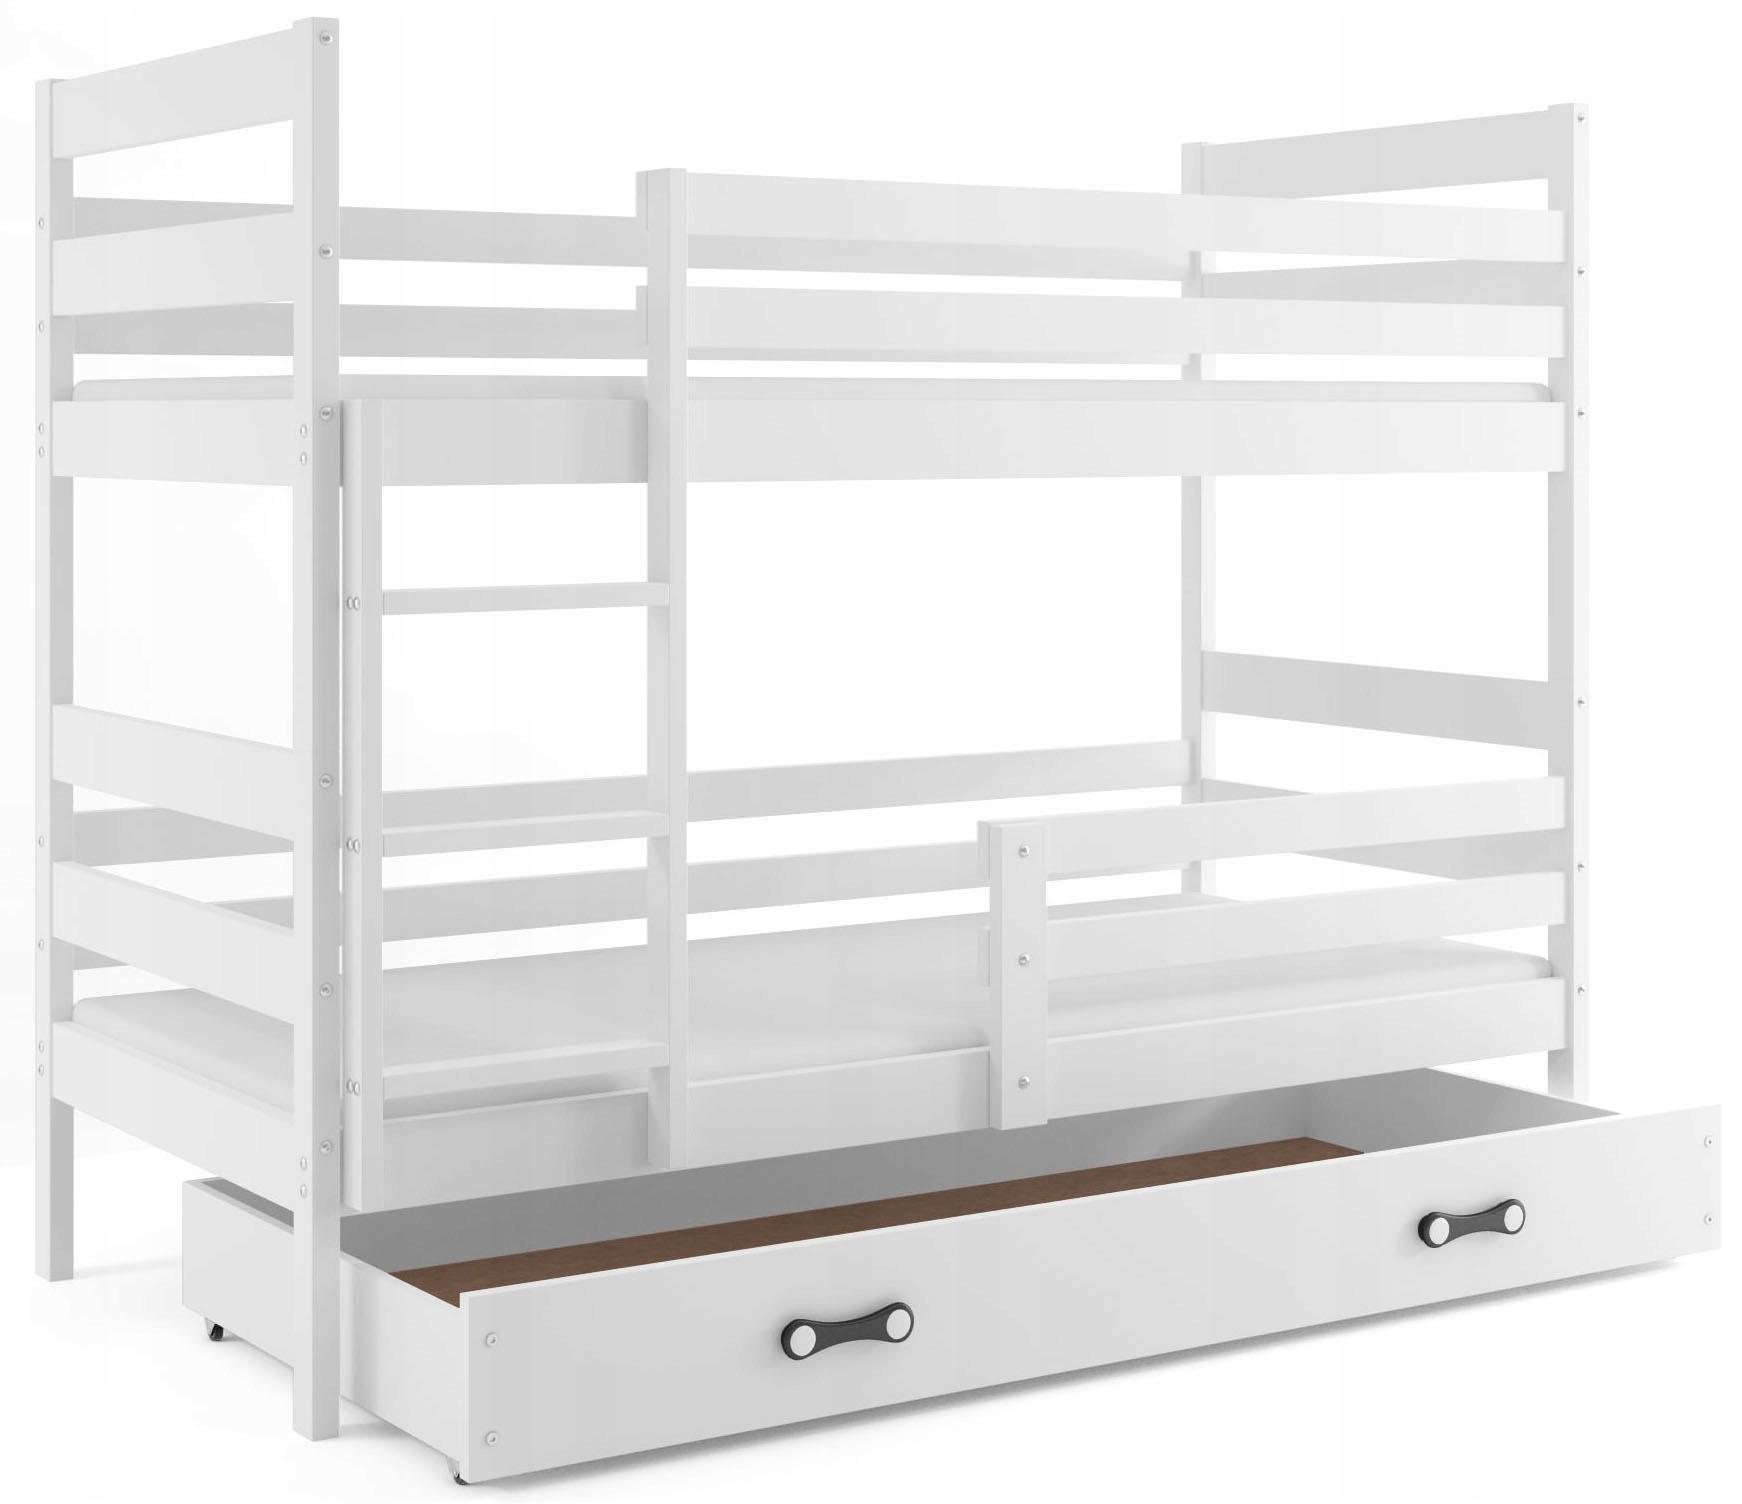 Łóżko JACEK piętrowe 190x80 dziecięce i BARIERKA